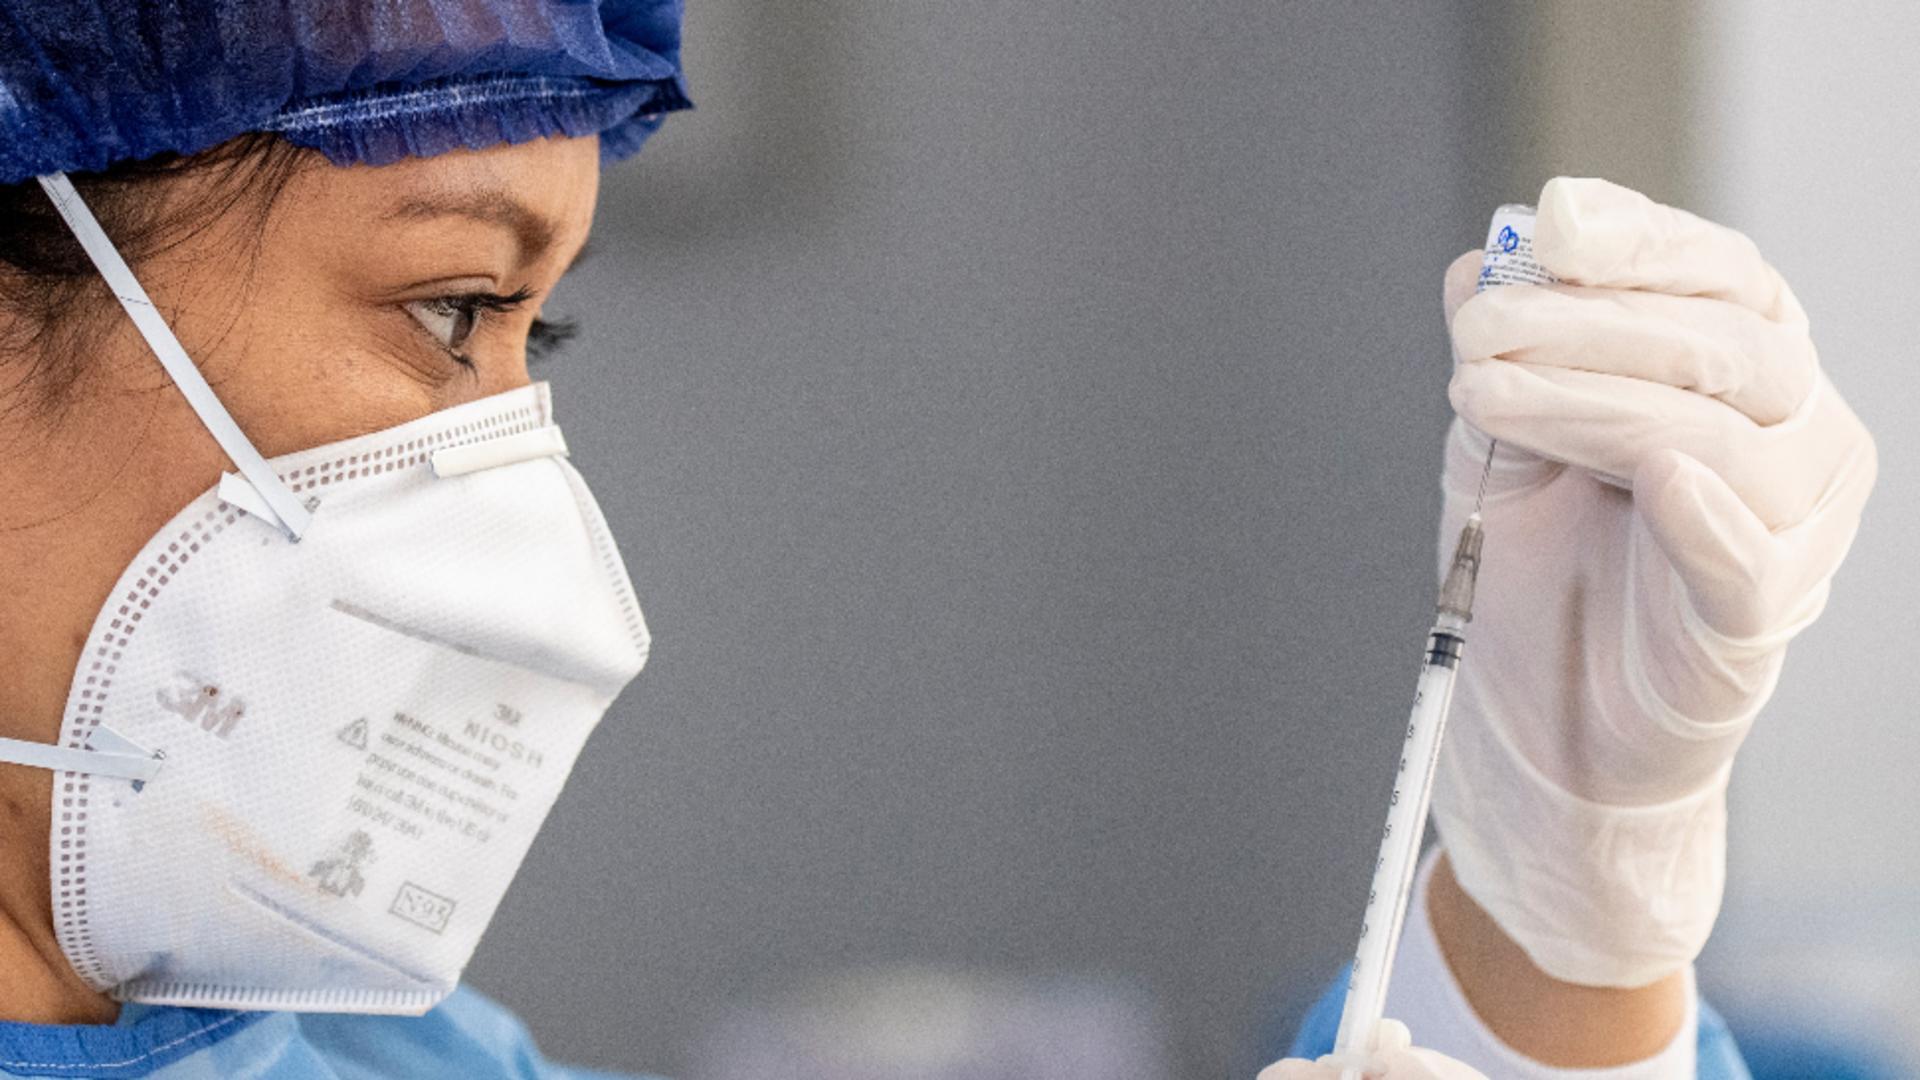 Angajaţii la stat, obligaţi să se vaccineze anti-COVID. Ce țară a făcut anunțul